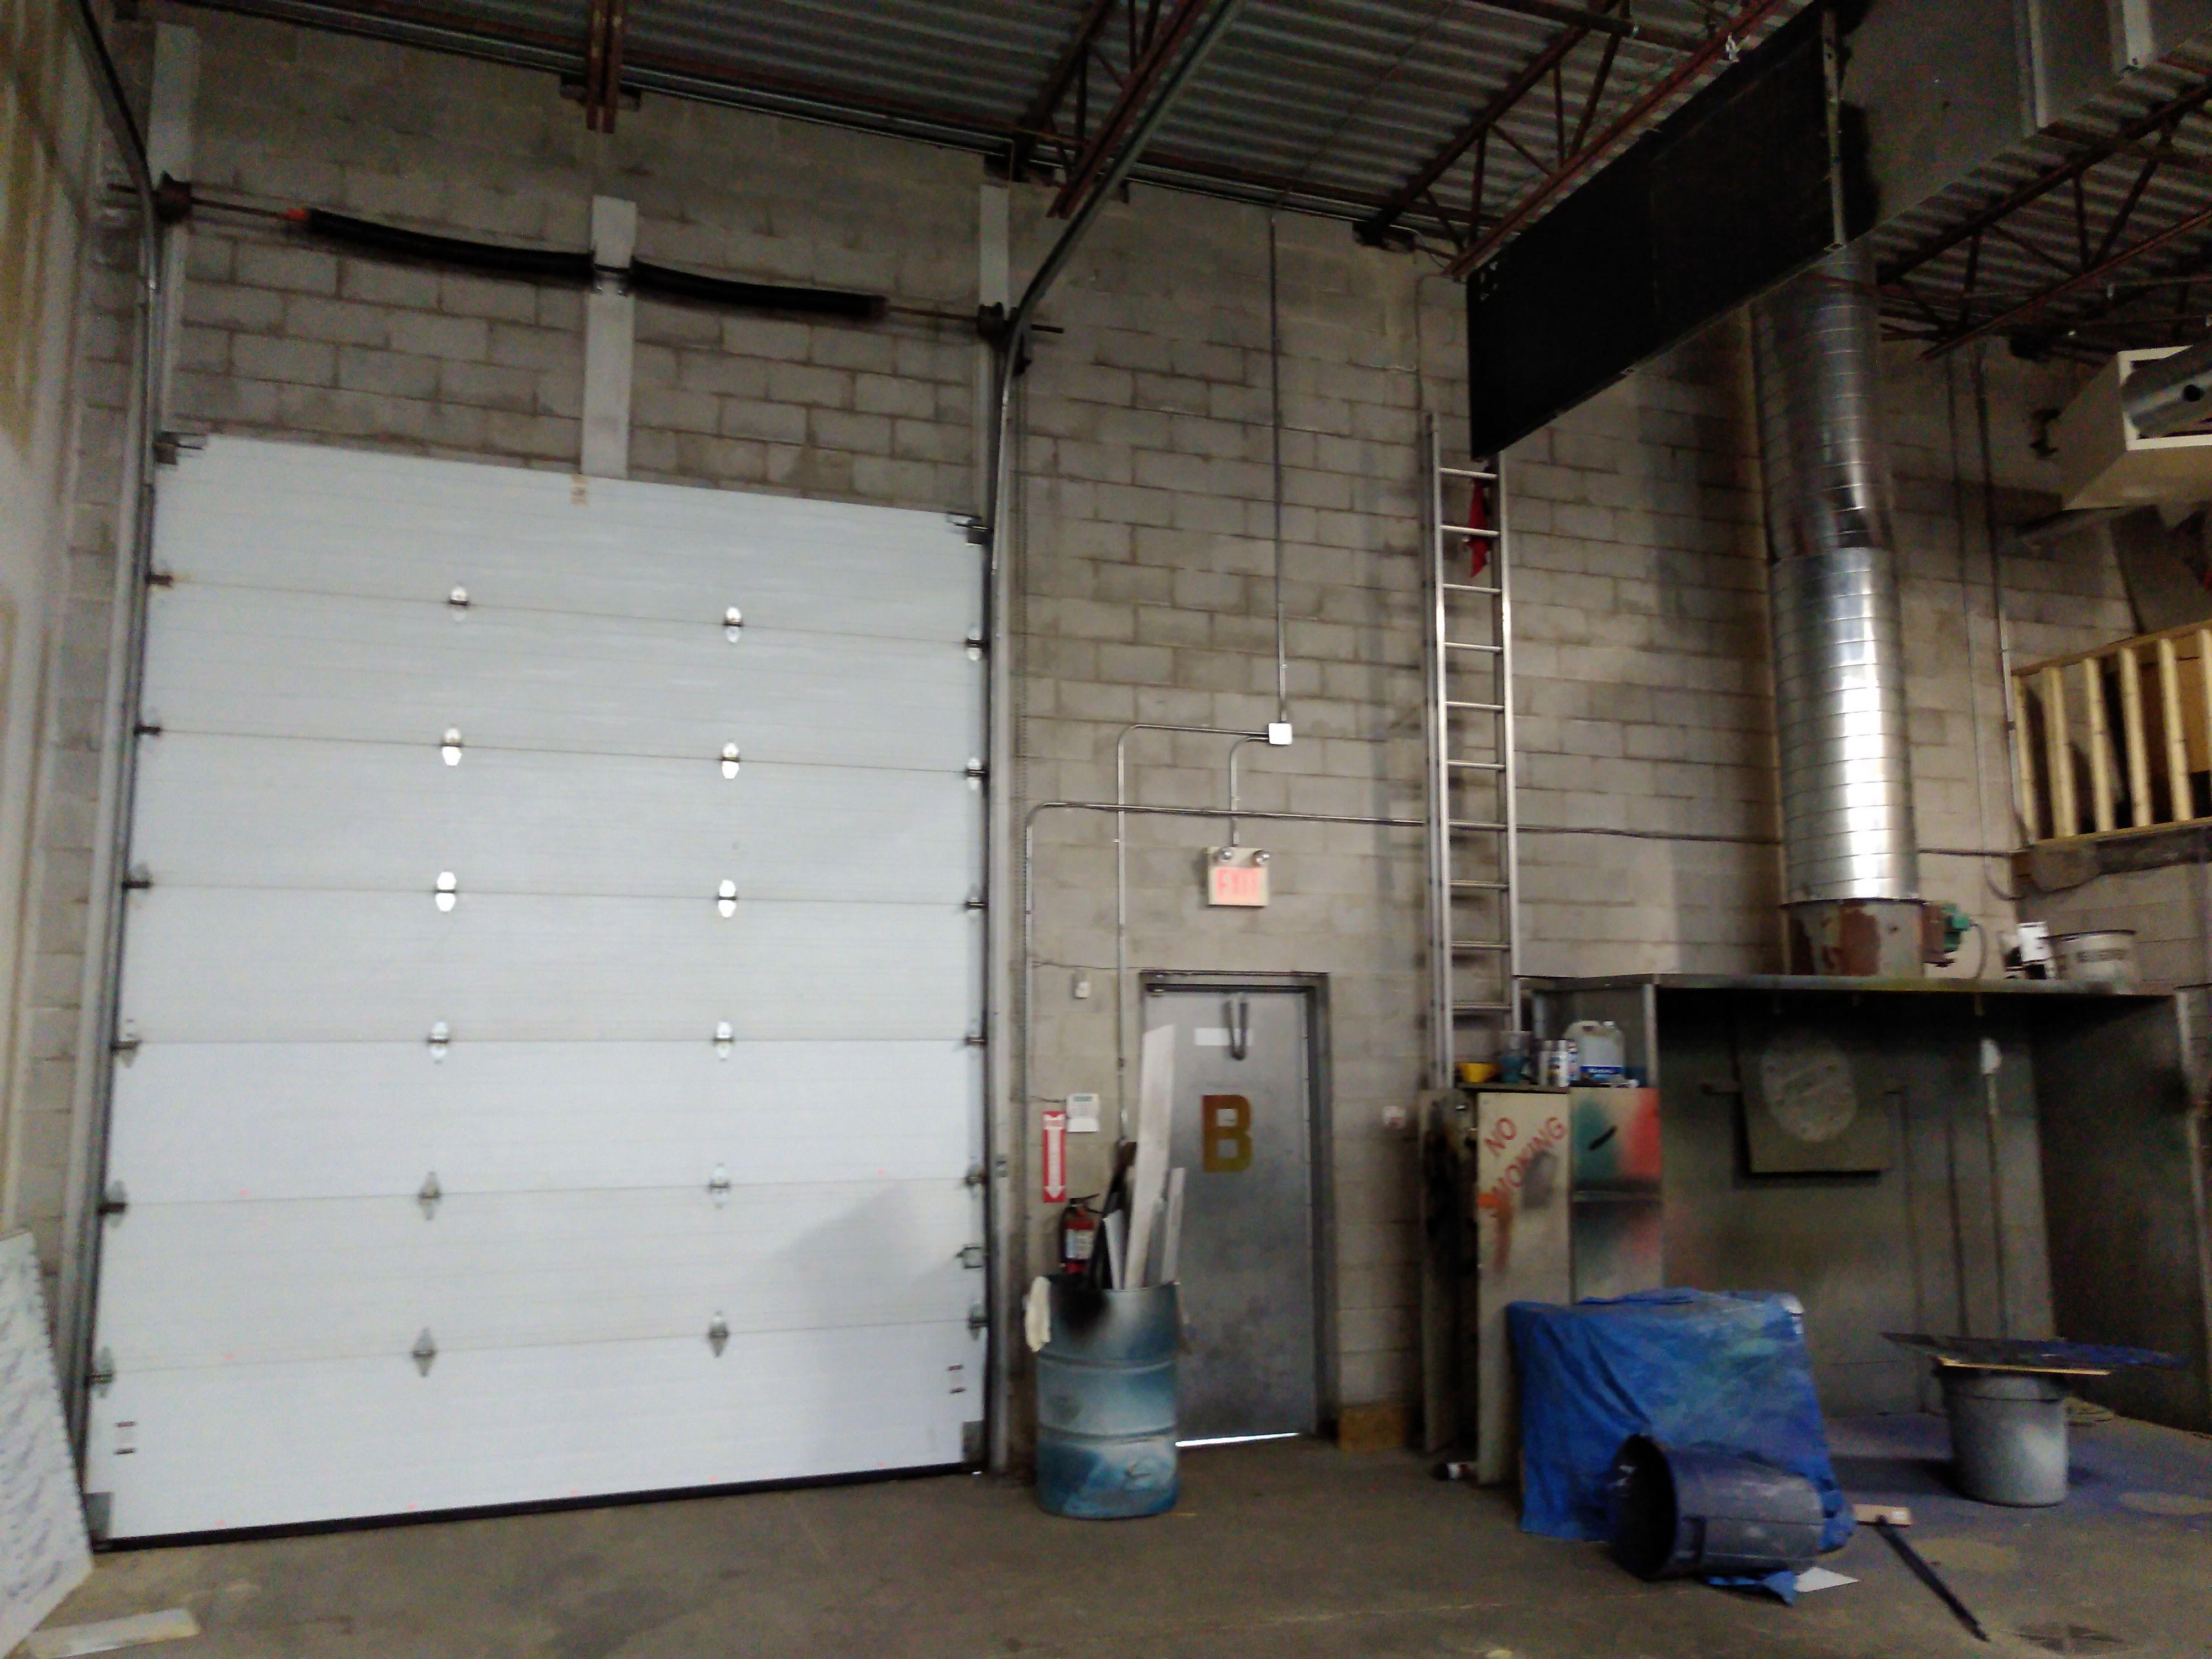 647 Welham Unit 10 garage